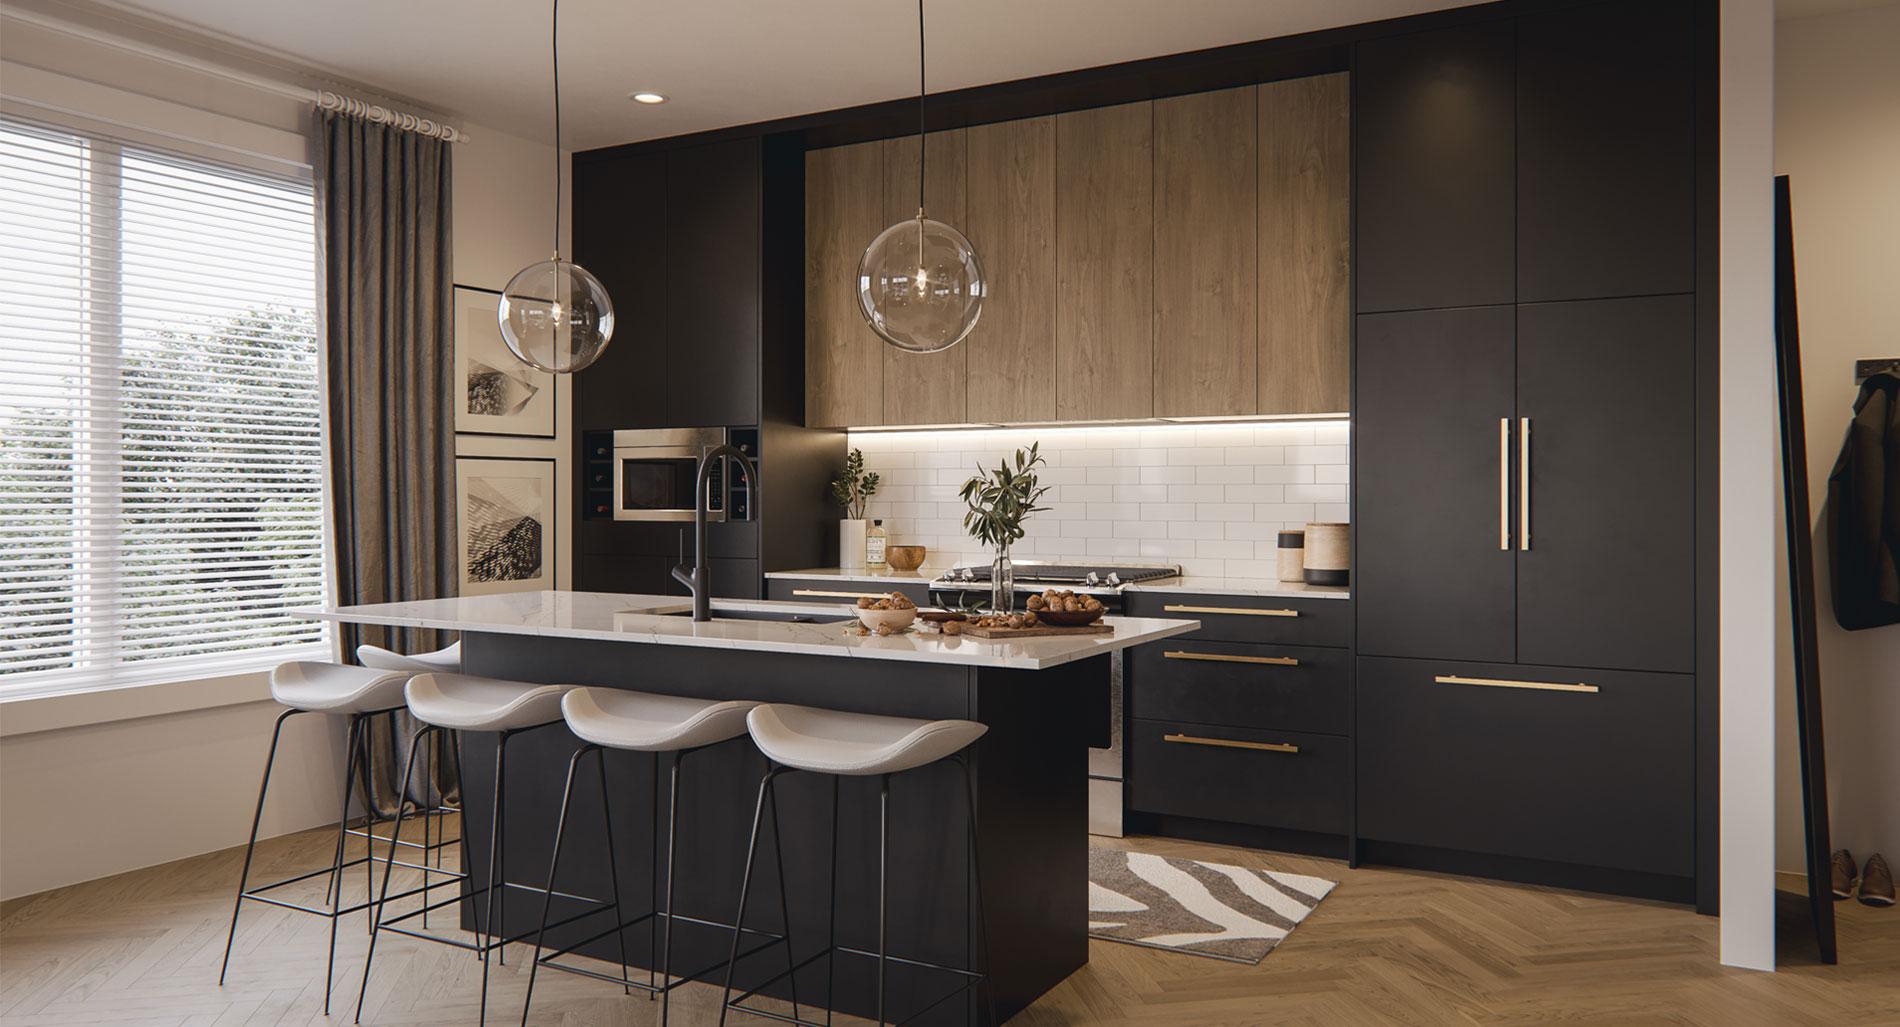 Black open layout kitchen